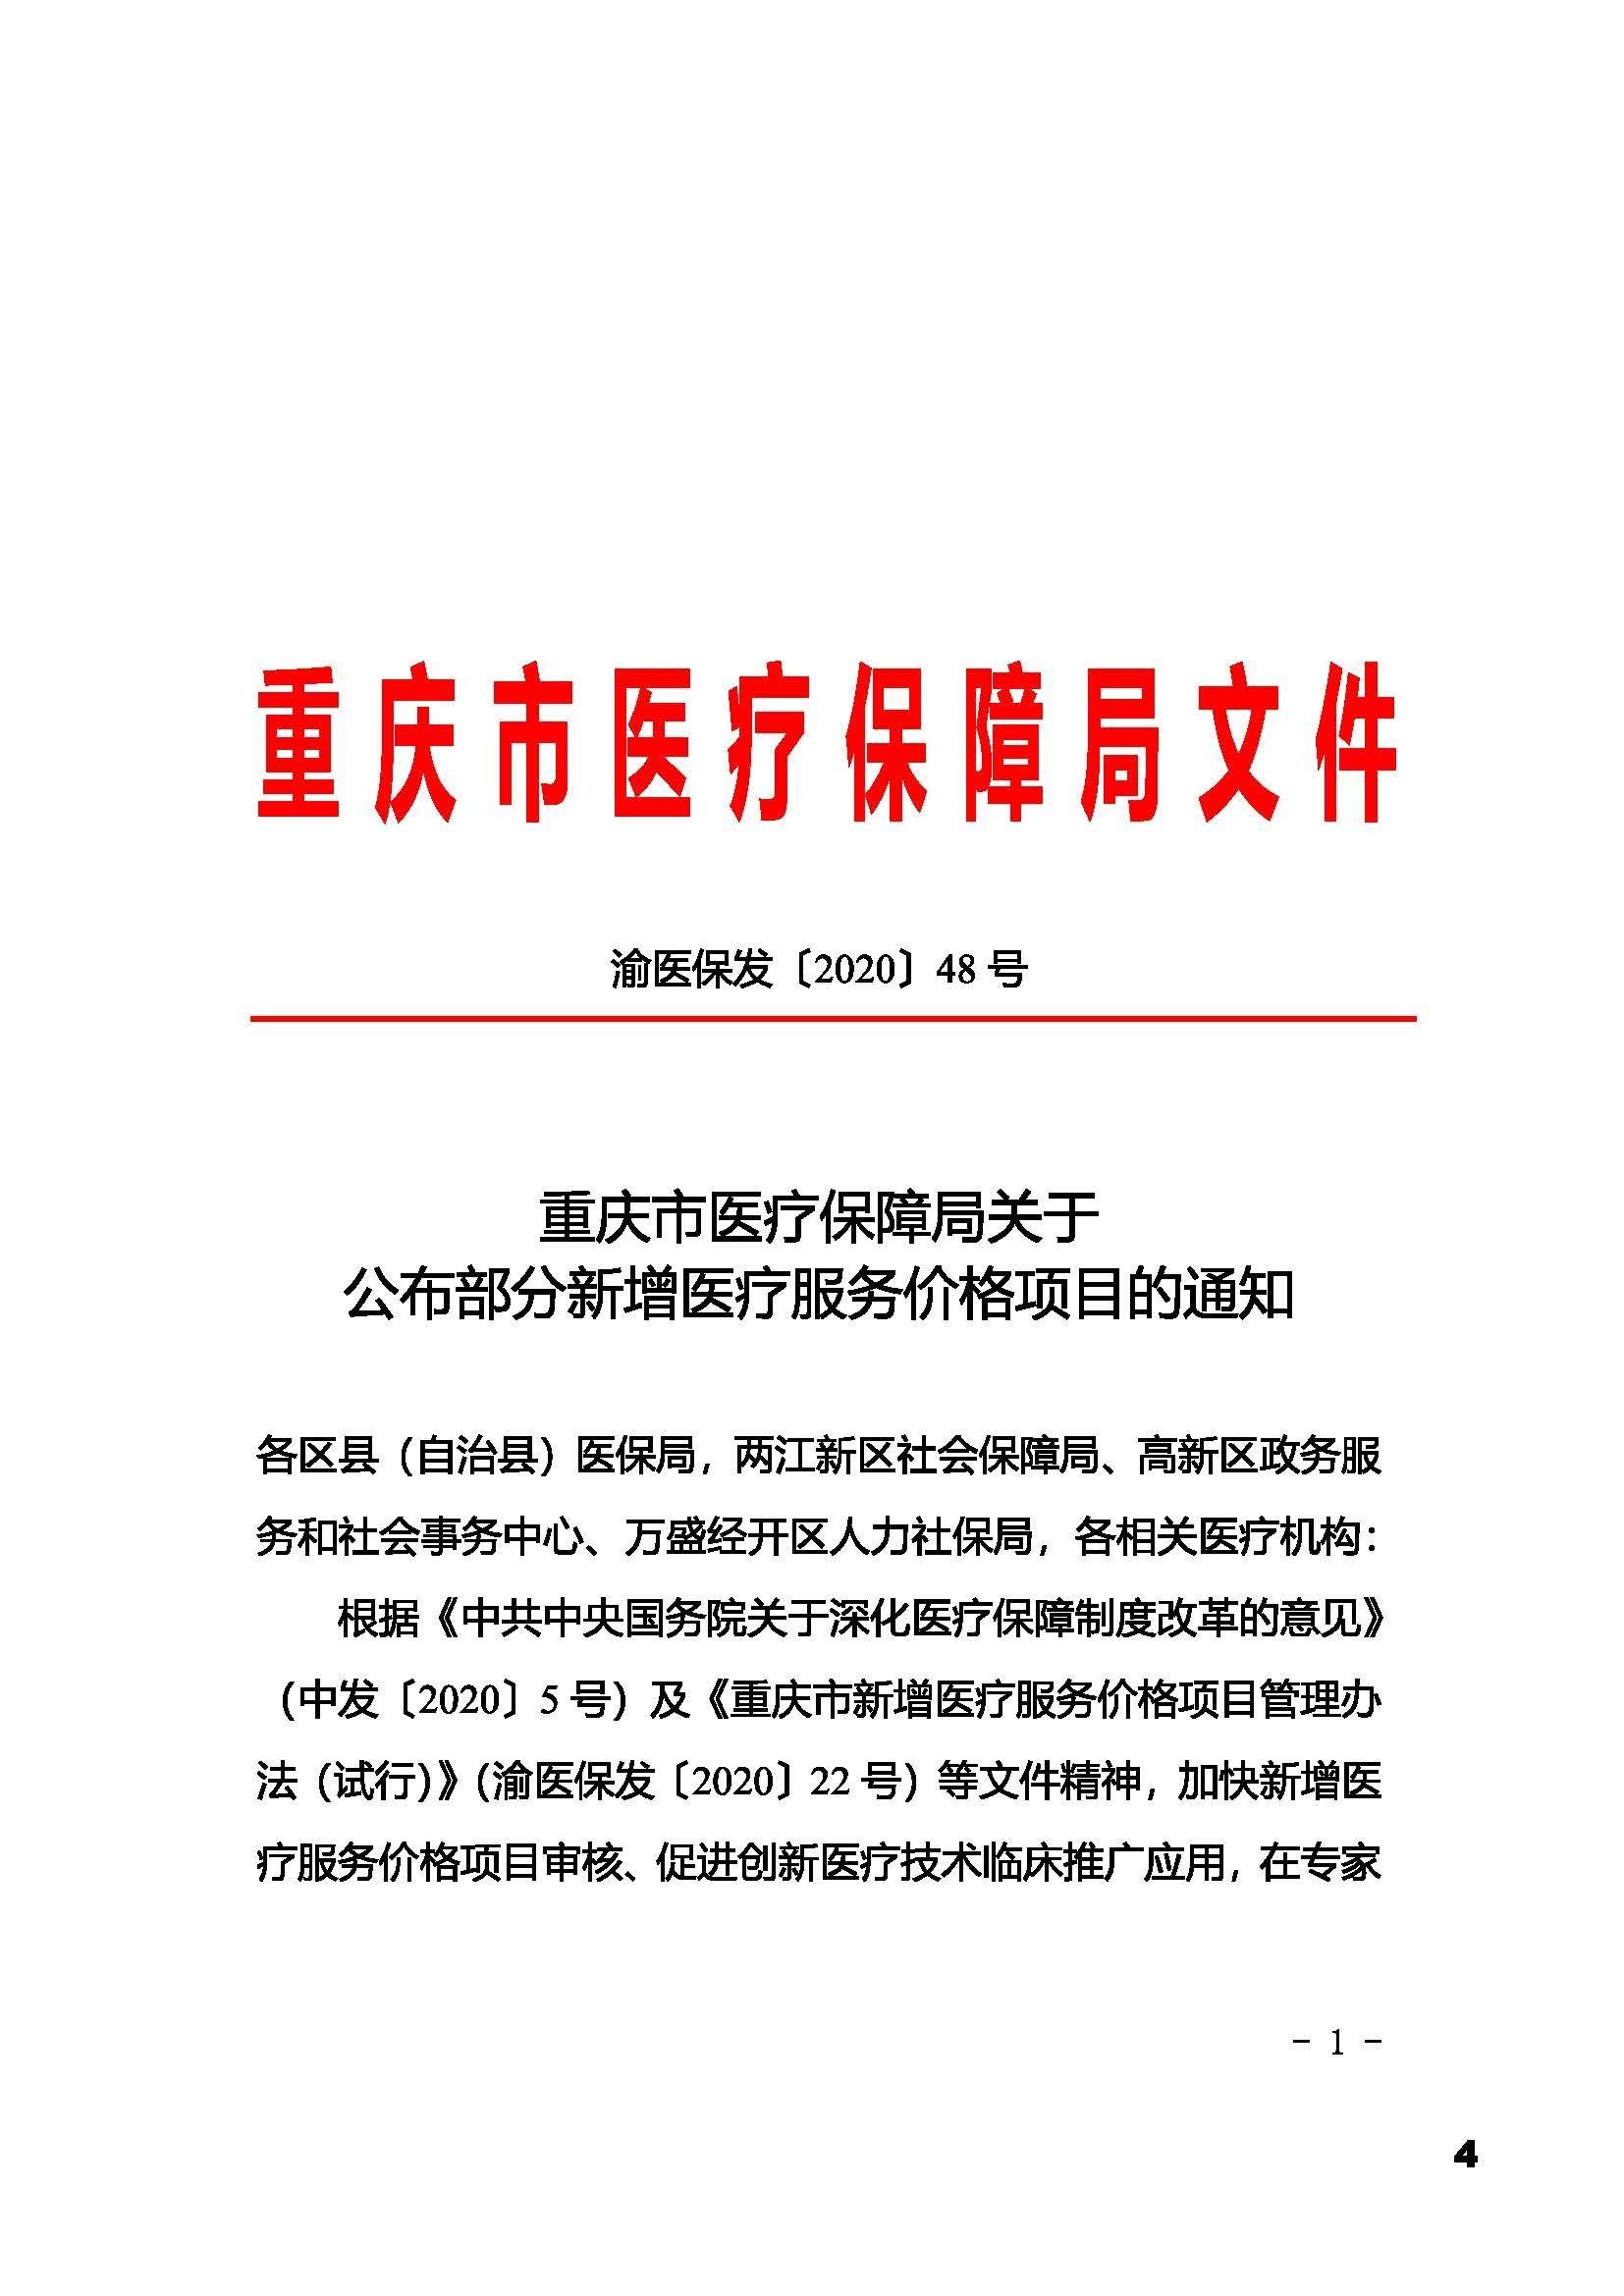 重庆市冲洗术物价获批文件_页面_1